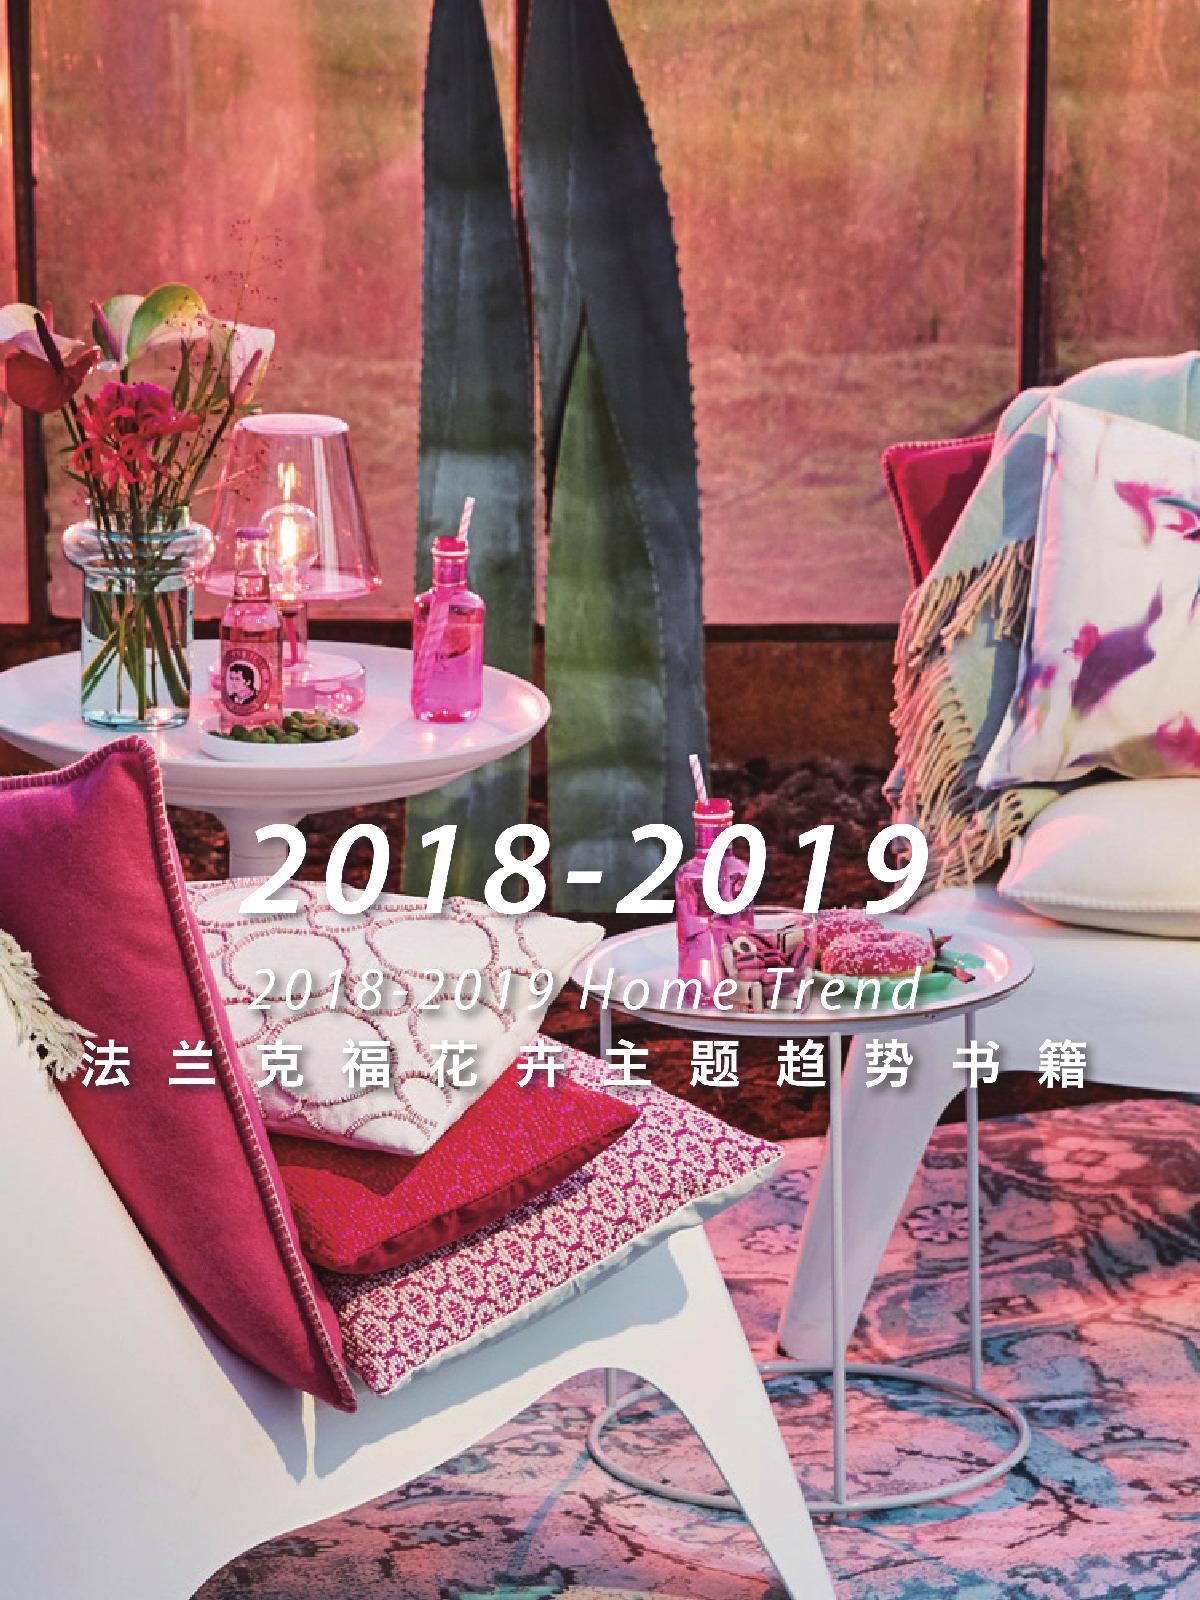 《HOME TREND》2018-2019法兰克福花卉主题趋势书籍(一)